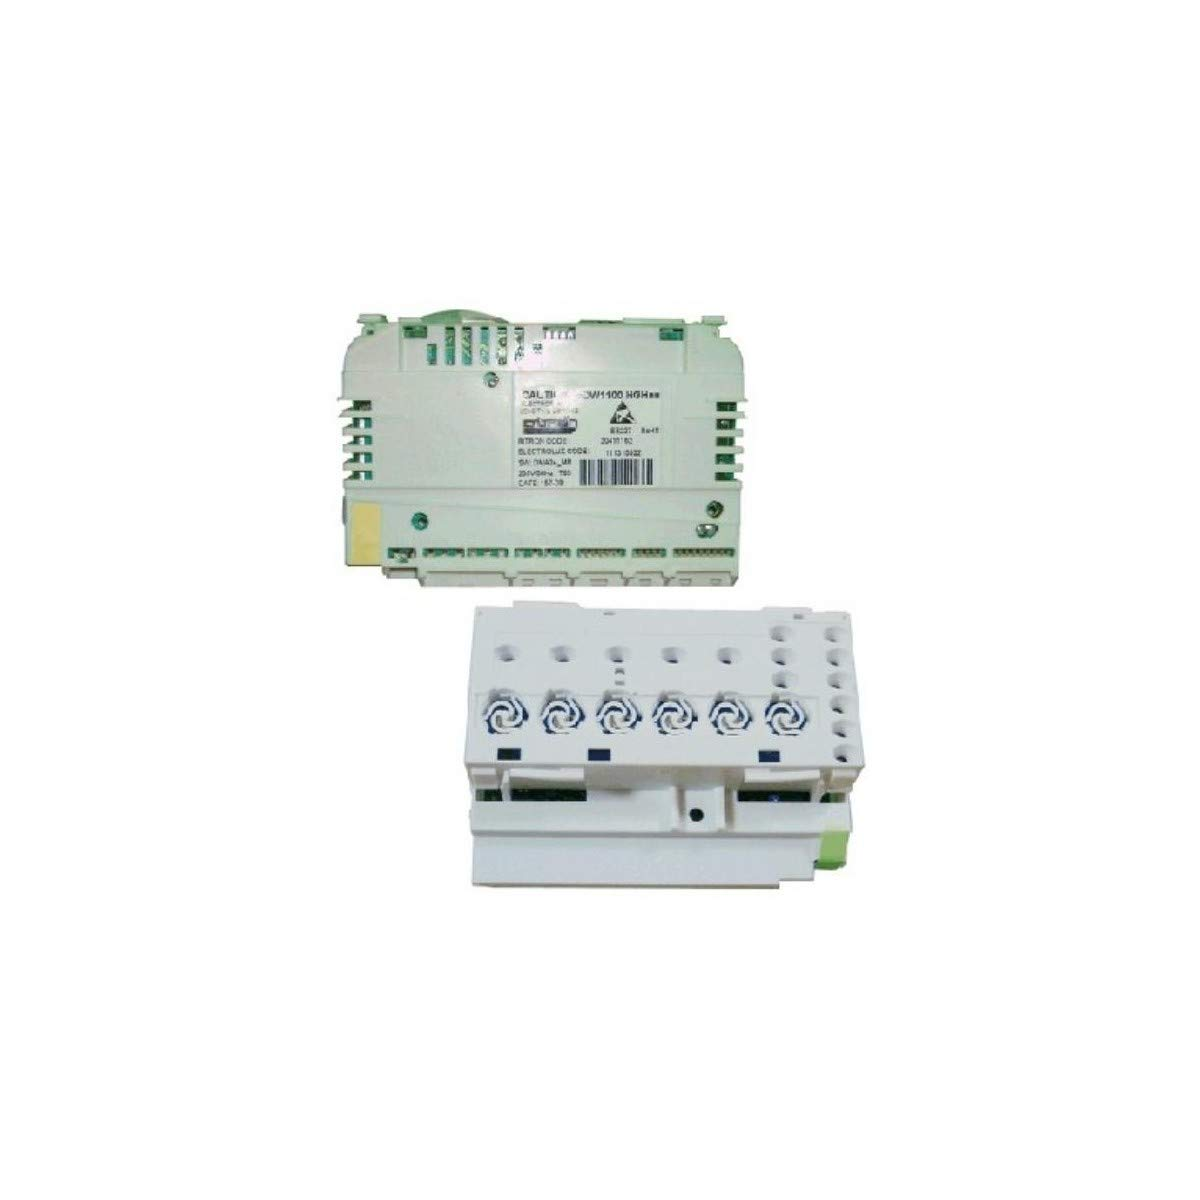 Modulo electronico Lavadora Electrolux DE2354 973911915209002 ...